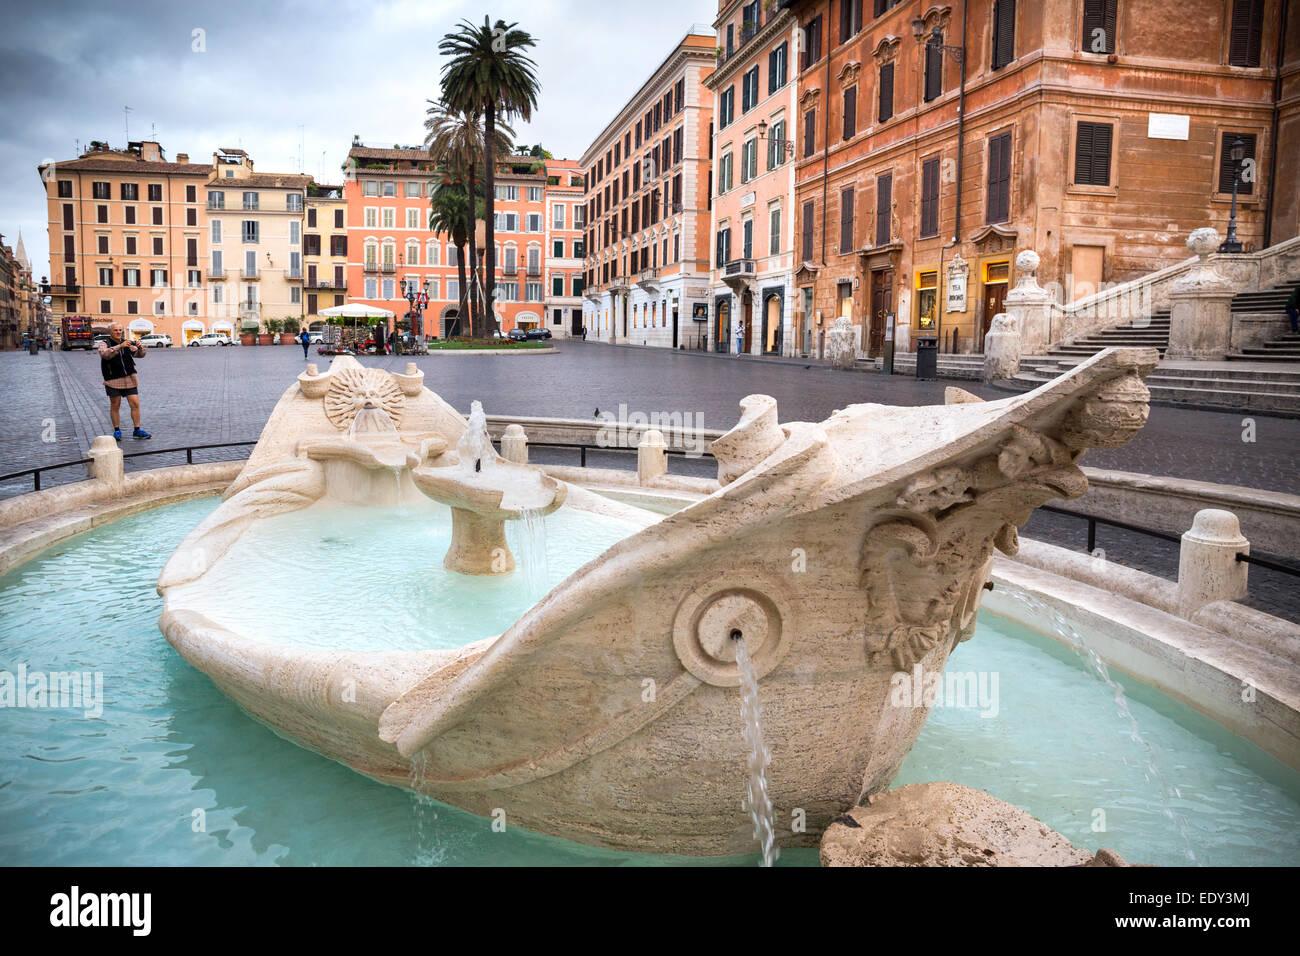 Piazza di Spagna, Rome, Italy - Stock Image